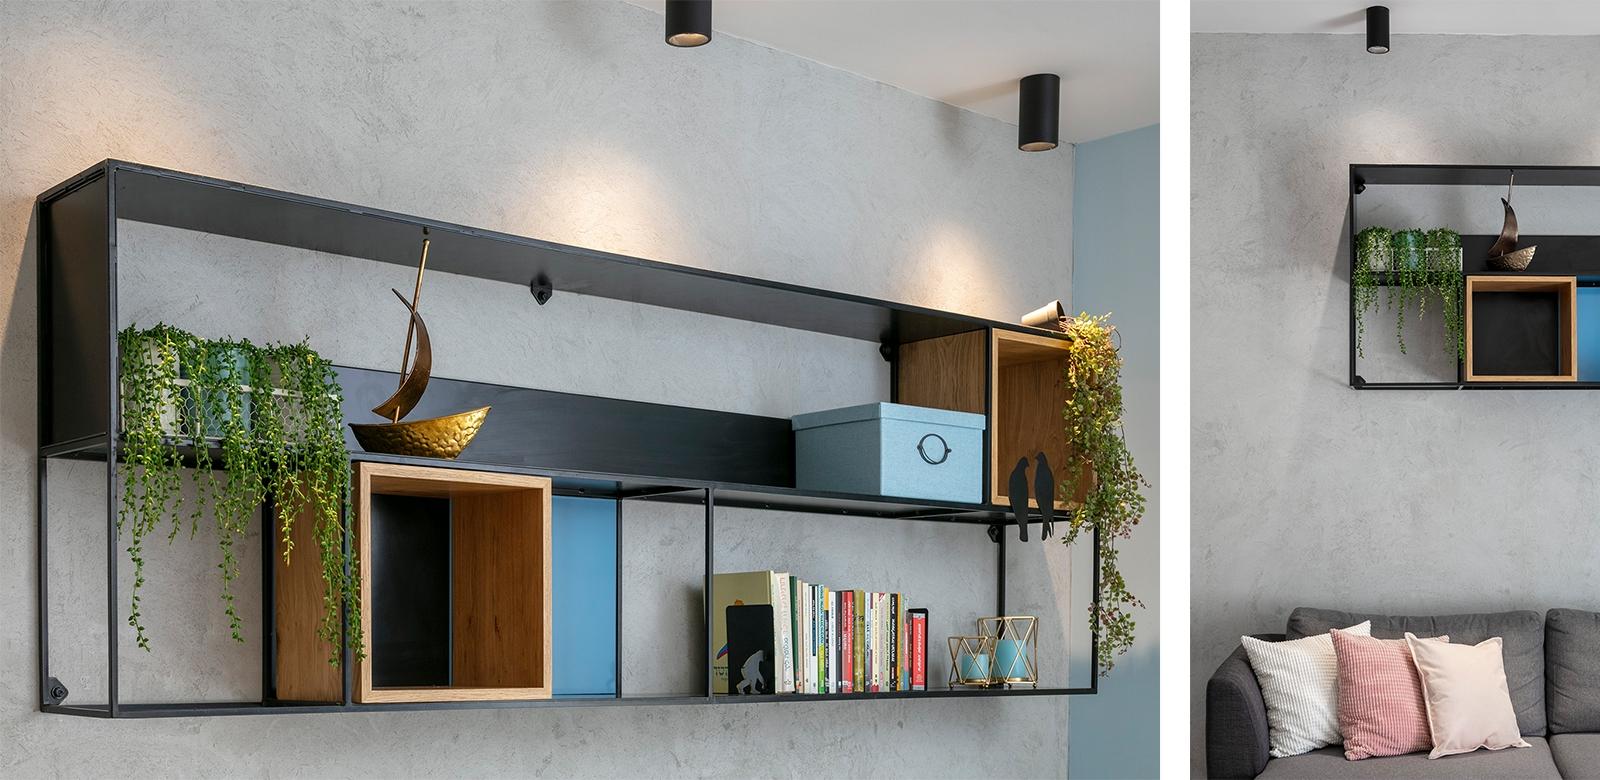 עיצוב דירה בחיפה - תמונה מספר 5